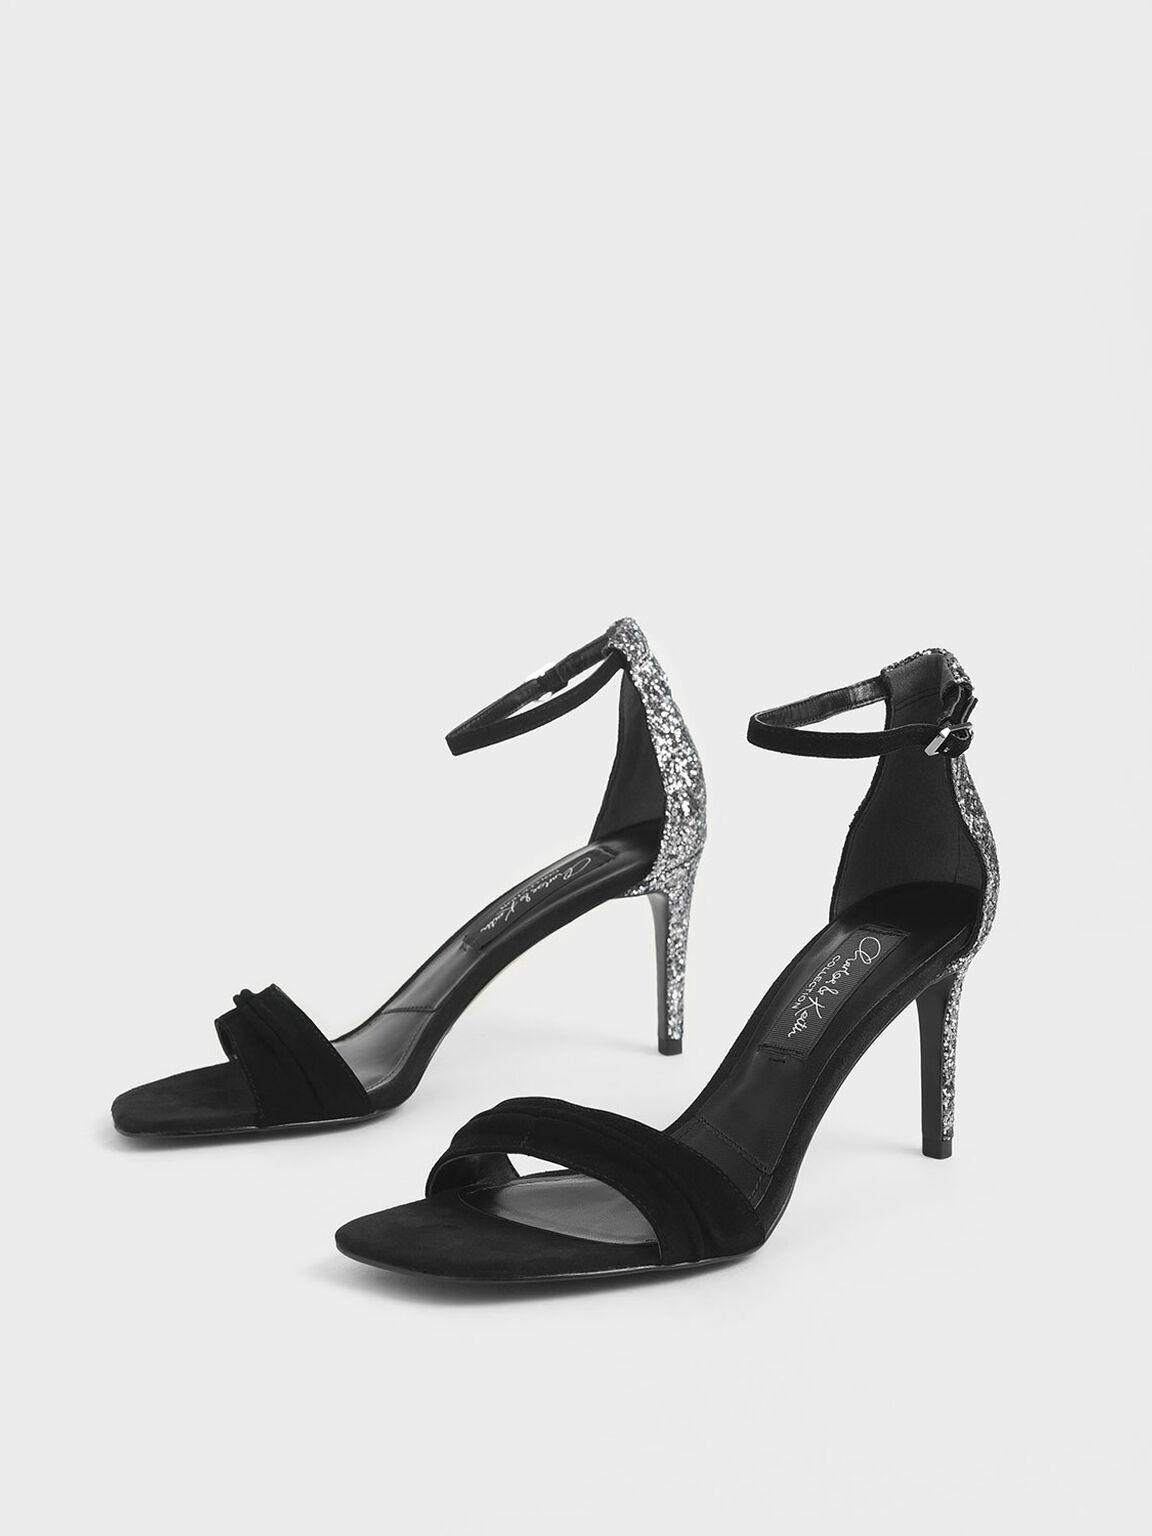 Glitter Stiletto Heel Sandals (Kid Suede), Black, hi-res